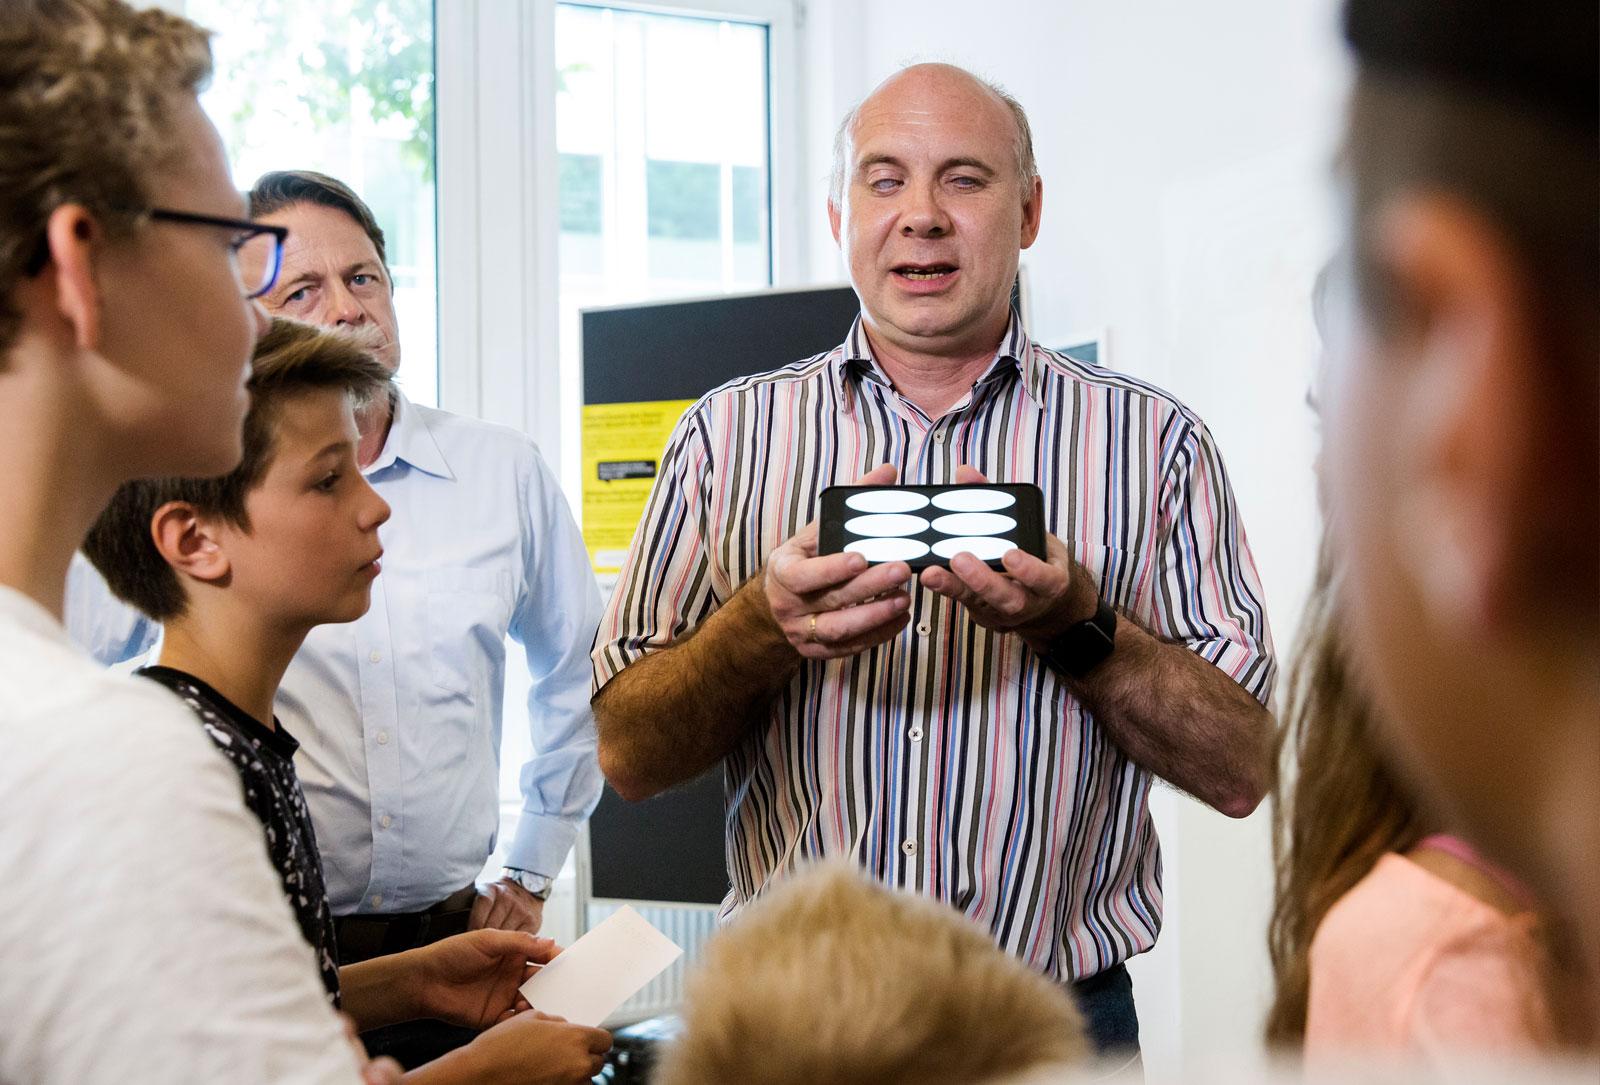 Workshop-Leiter mit Smartphone vor Gruppe erklärend